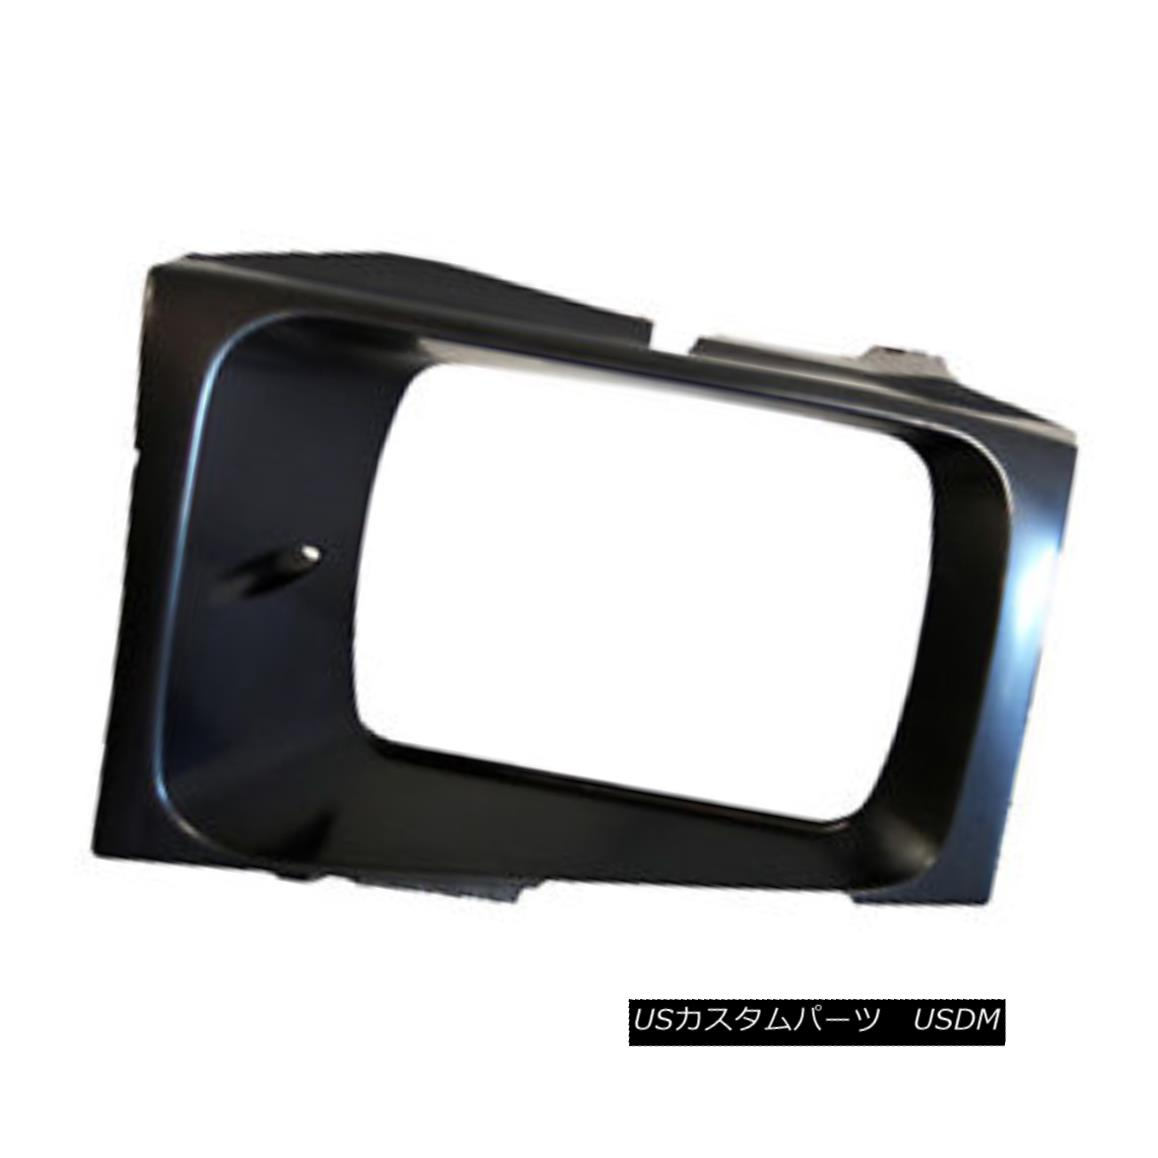 グリル New Replacement Headlight Door Driver Side Use with Sealed Beam Lamps 630-00986L 密閉されたビームランプ630-00986Lとの新しい交換ヘッドライトドアドライバ側の使用